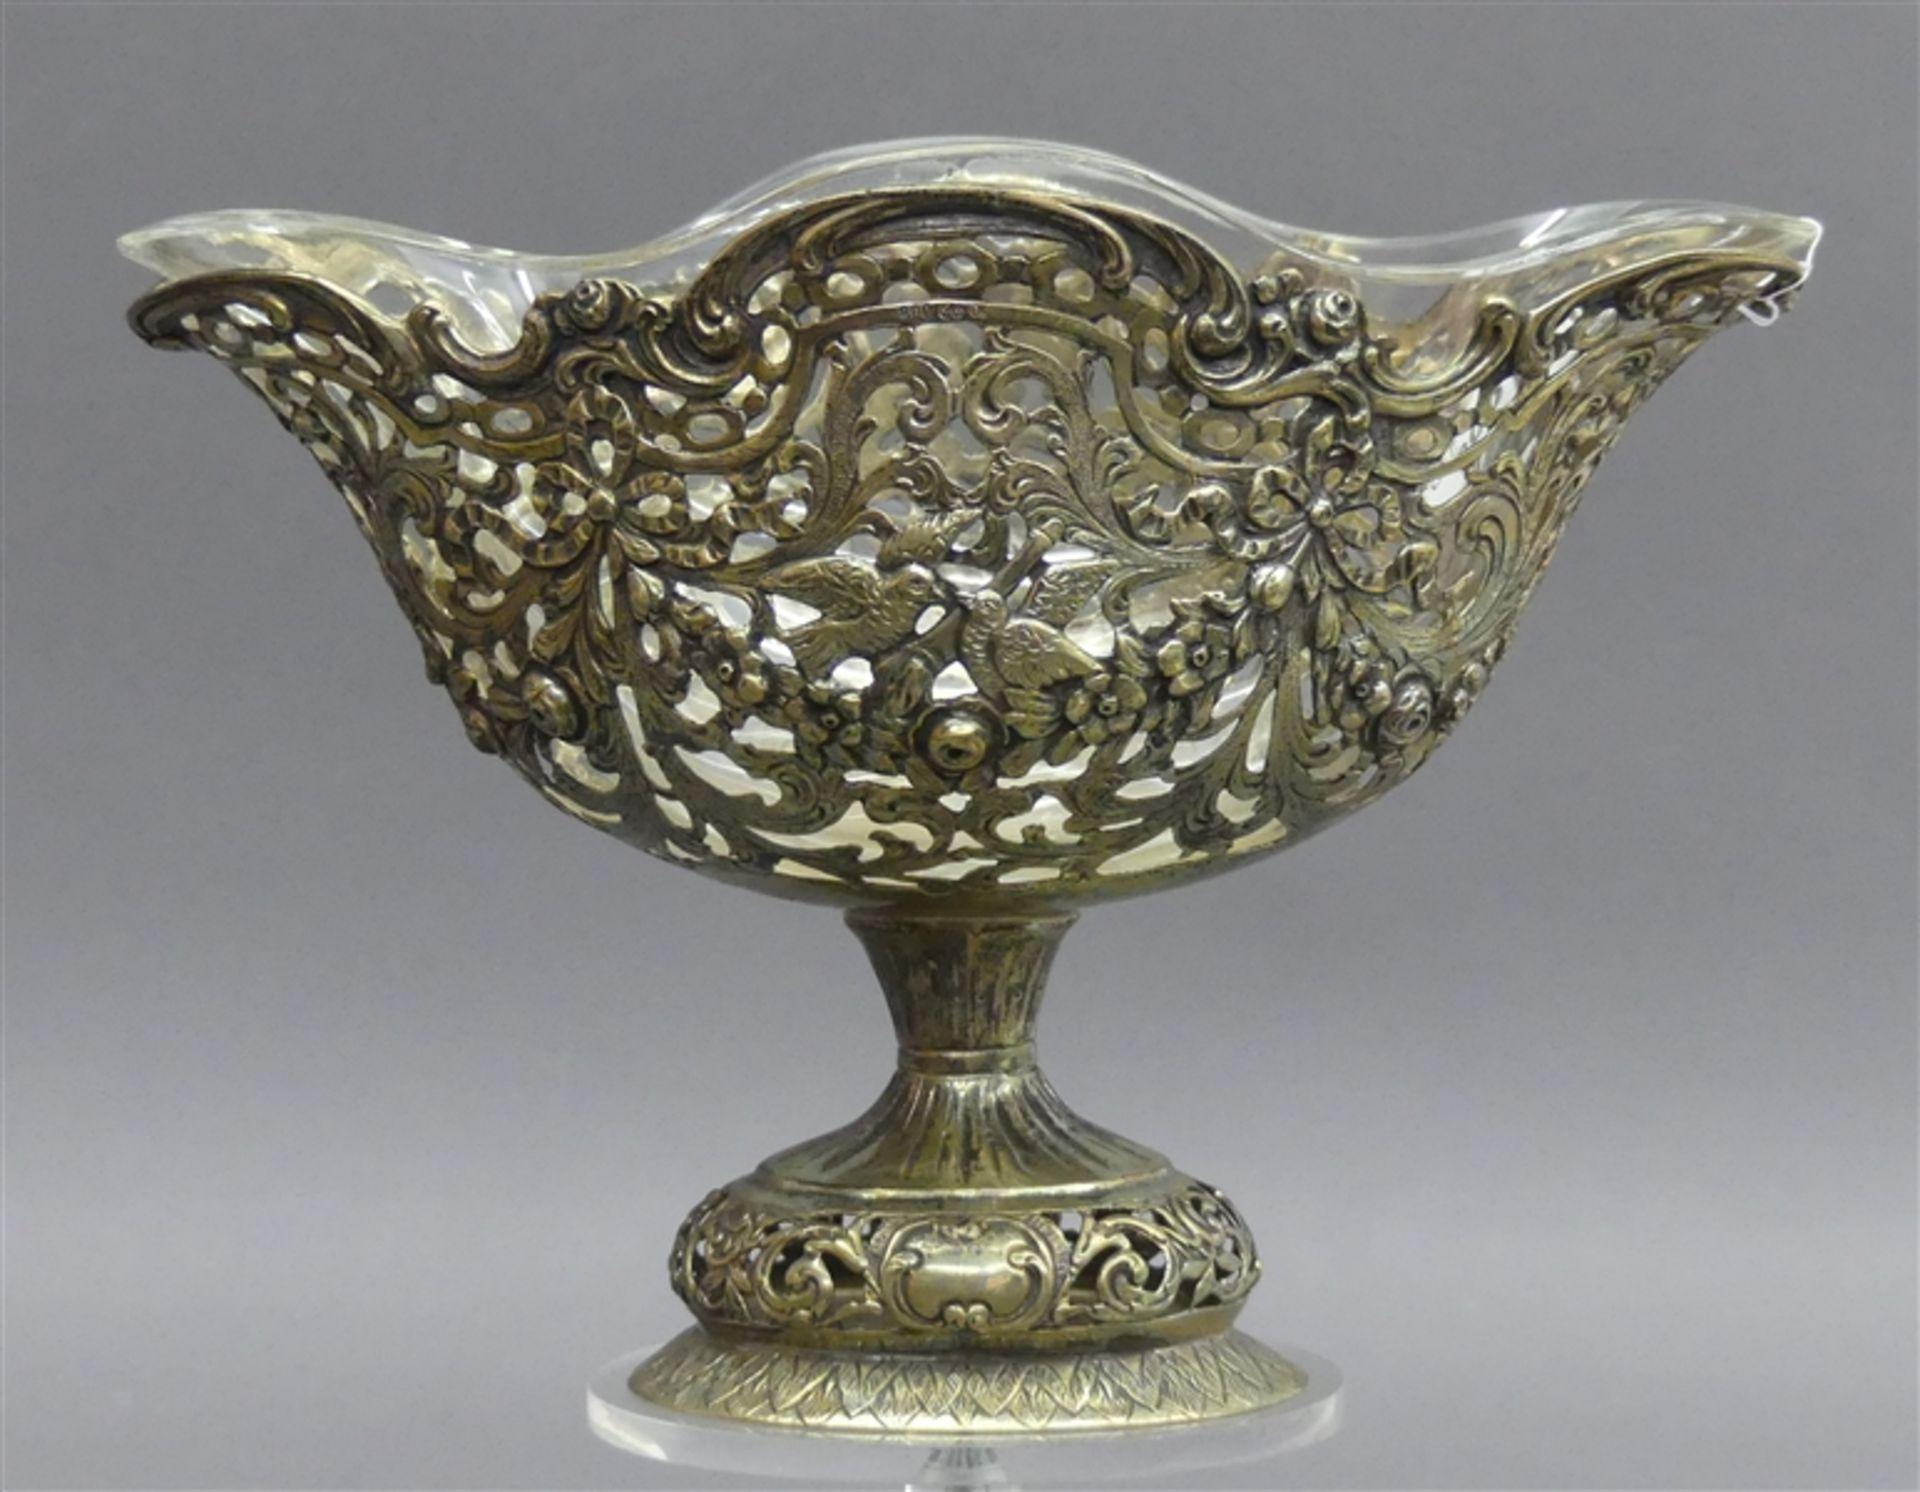 Konfektschale Silber, durchbrochener Rand, Turteltauben und Blüten, durchbrochen gearbeiteter